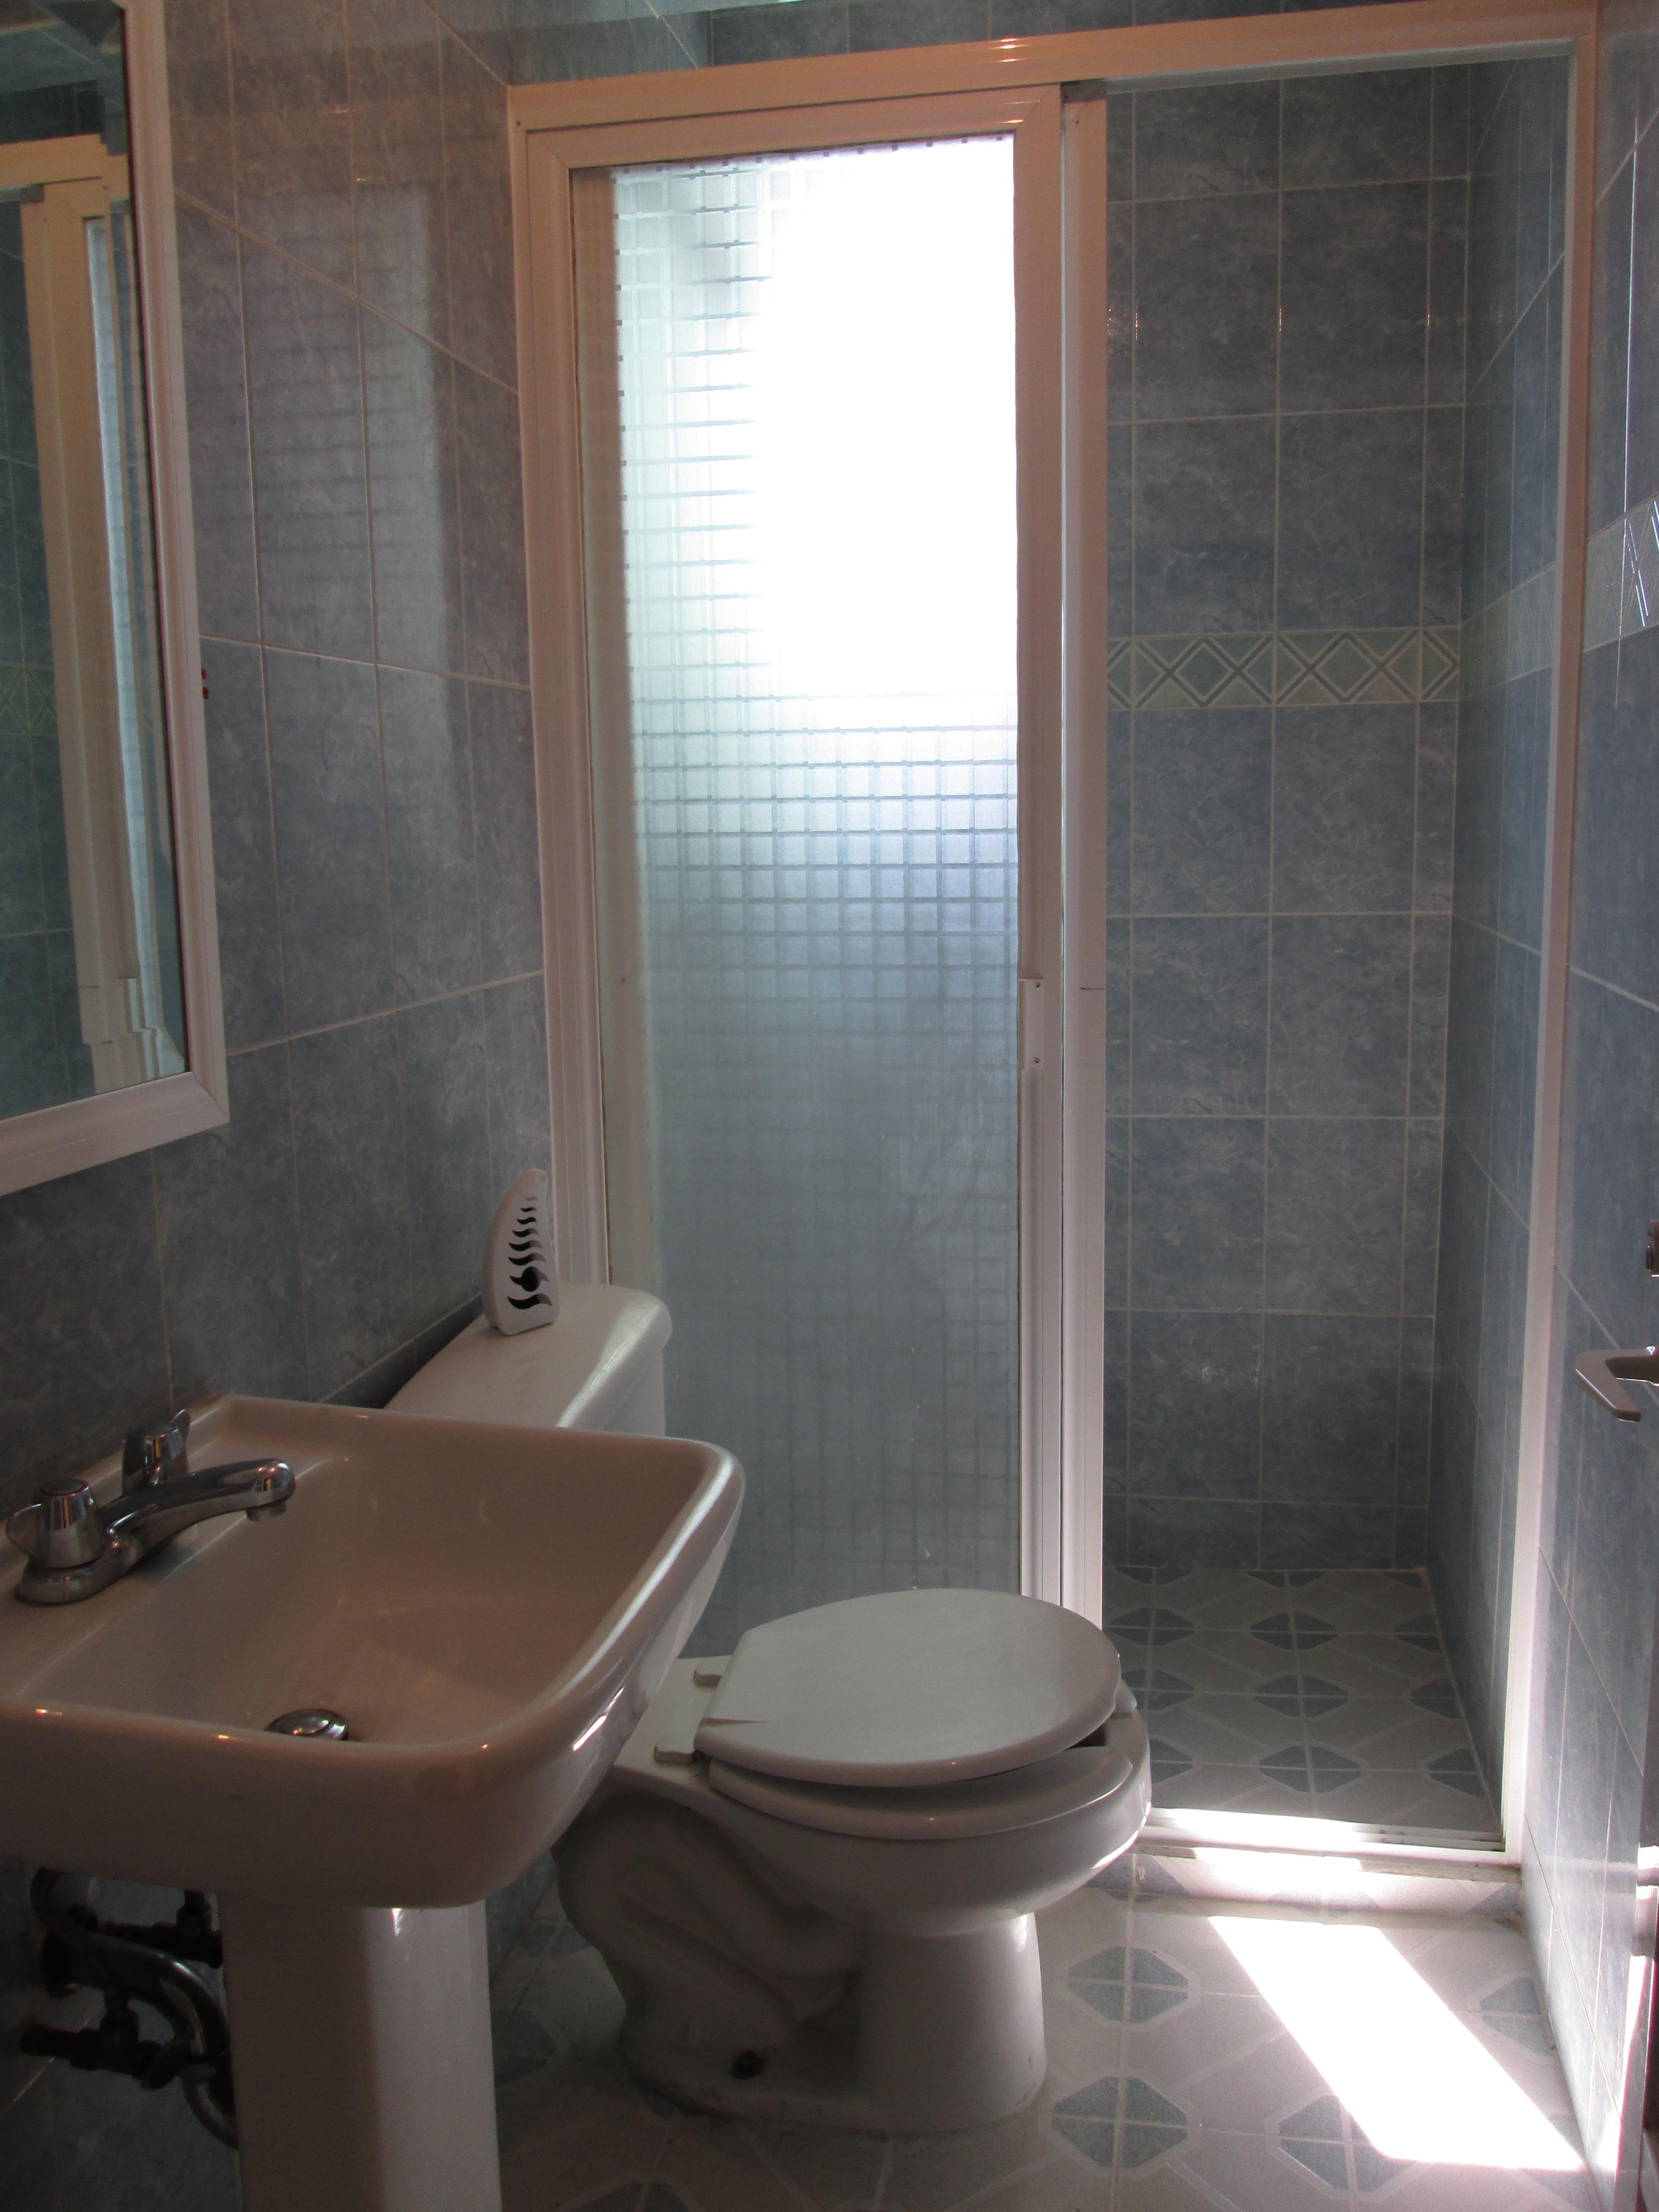 Departamento amueblado tipo suite cerca metro facturamos for Terrazas tlahuac